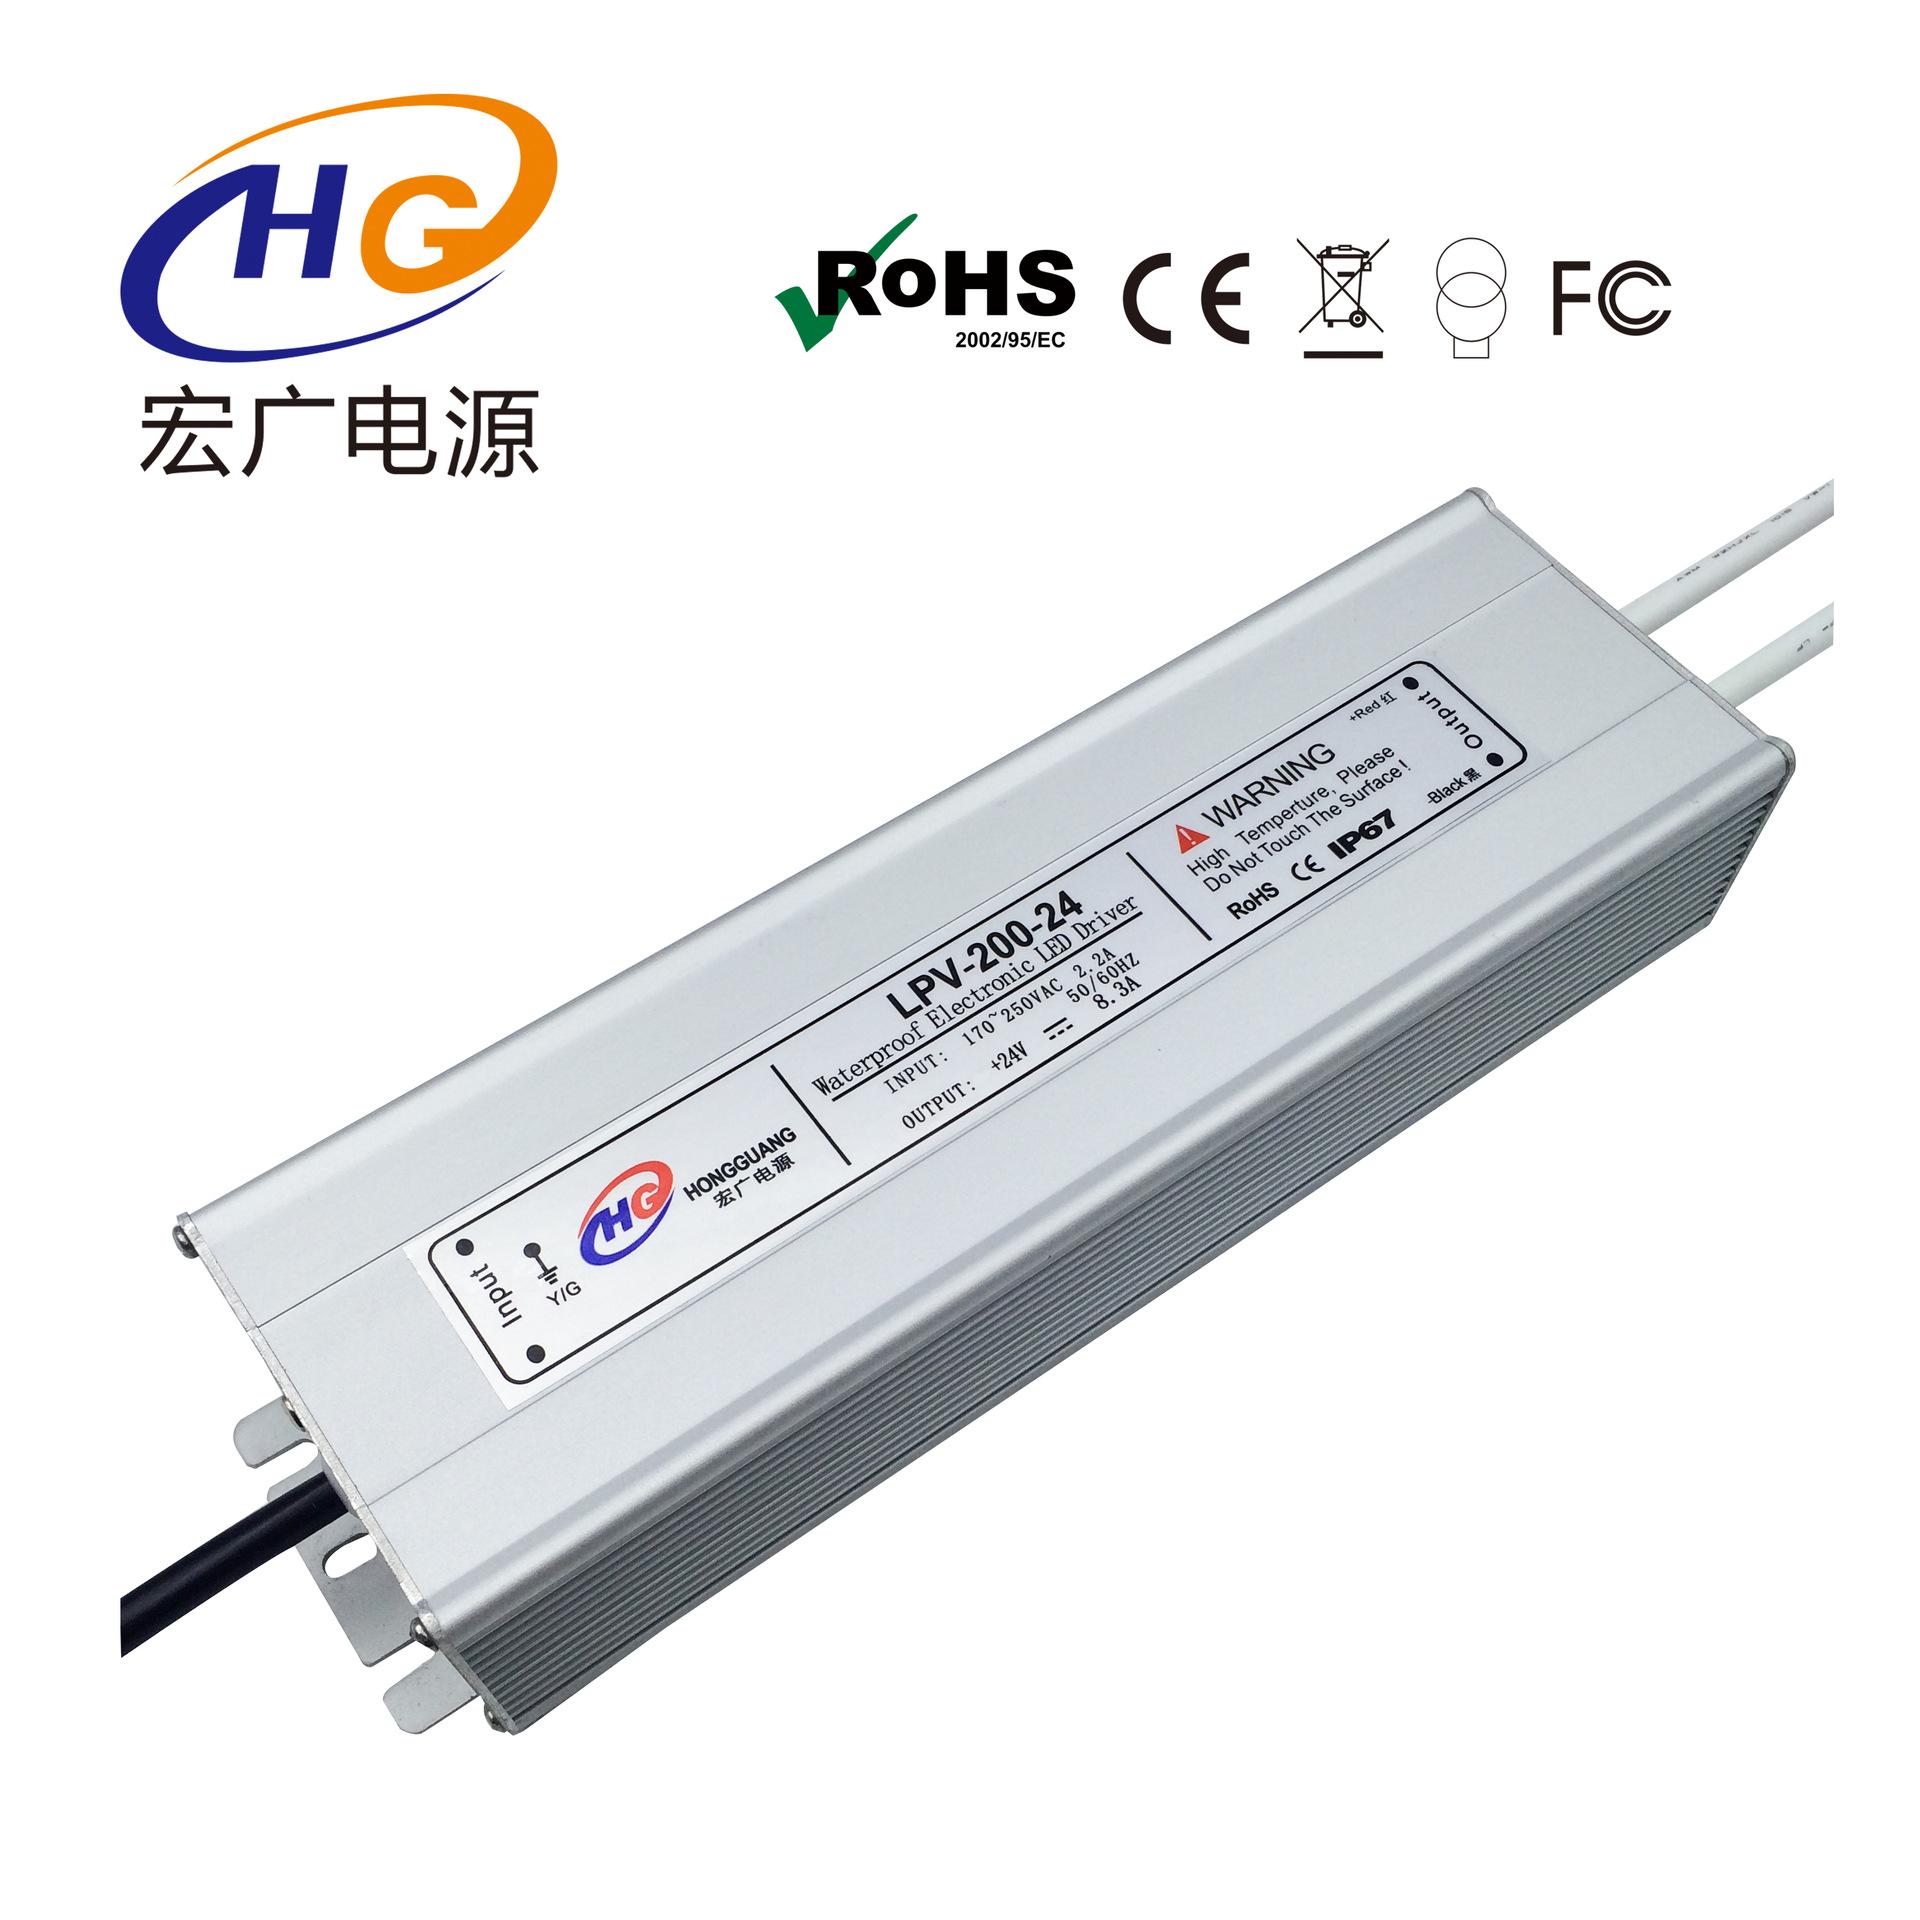 HG Bộ nguồn không đổi Nhà máy trực tiếp áp suất không đổi / dòng không đổi / cung cấp năng lượng khô